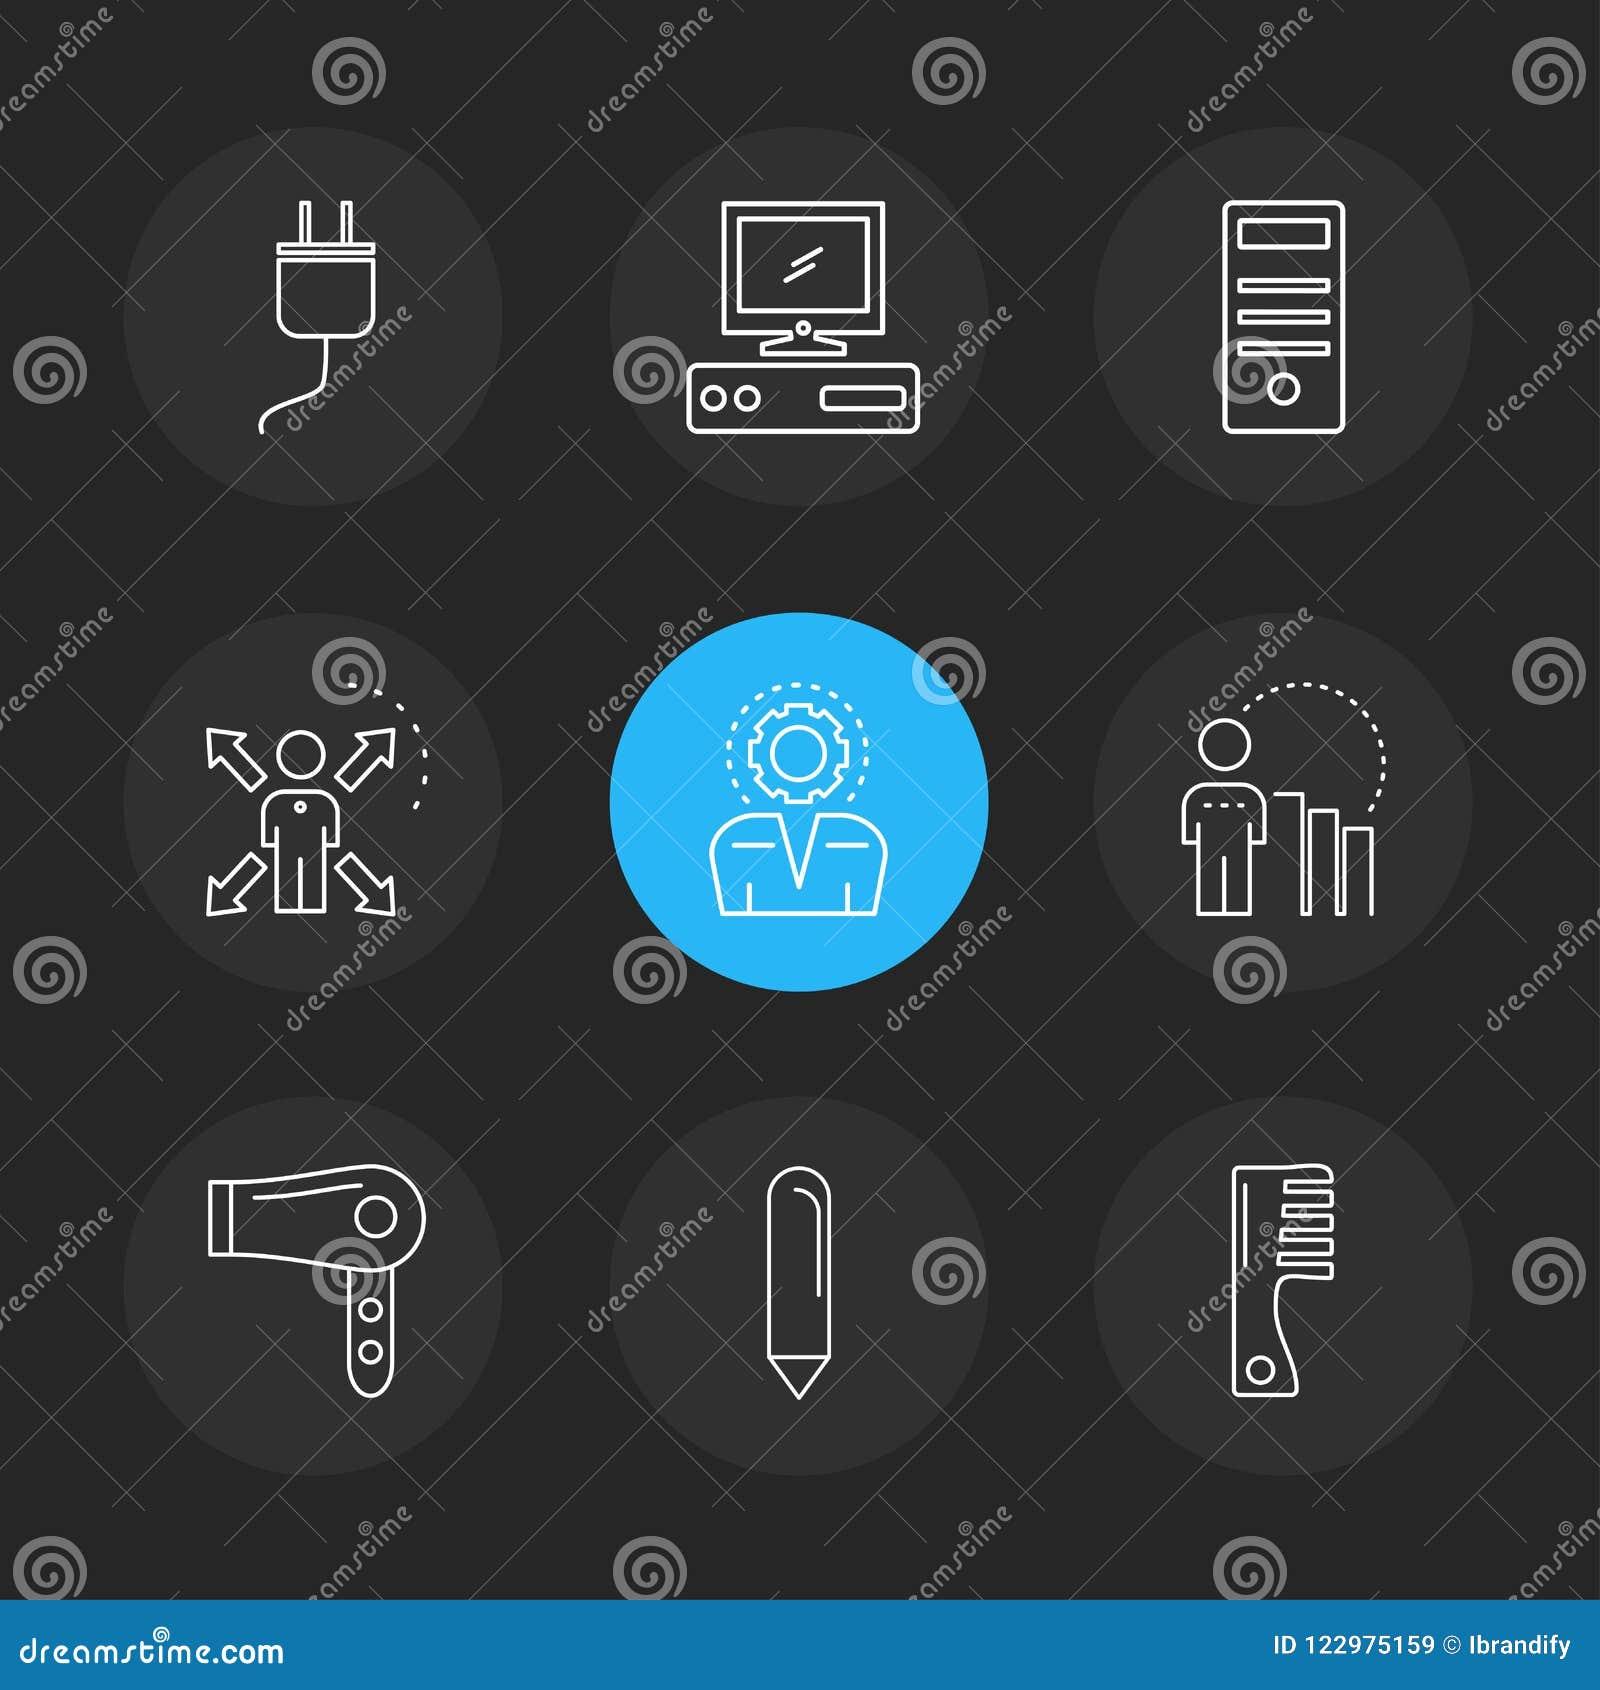 τεχνολογία, εικονίδια, ηλεκτρονική, eps εικονίδια καθορισμένα διανυσματικά